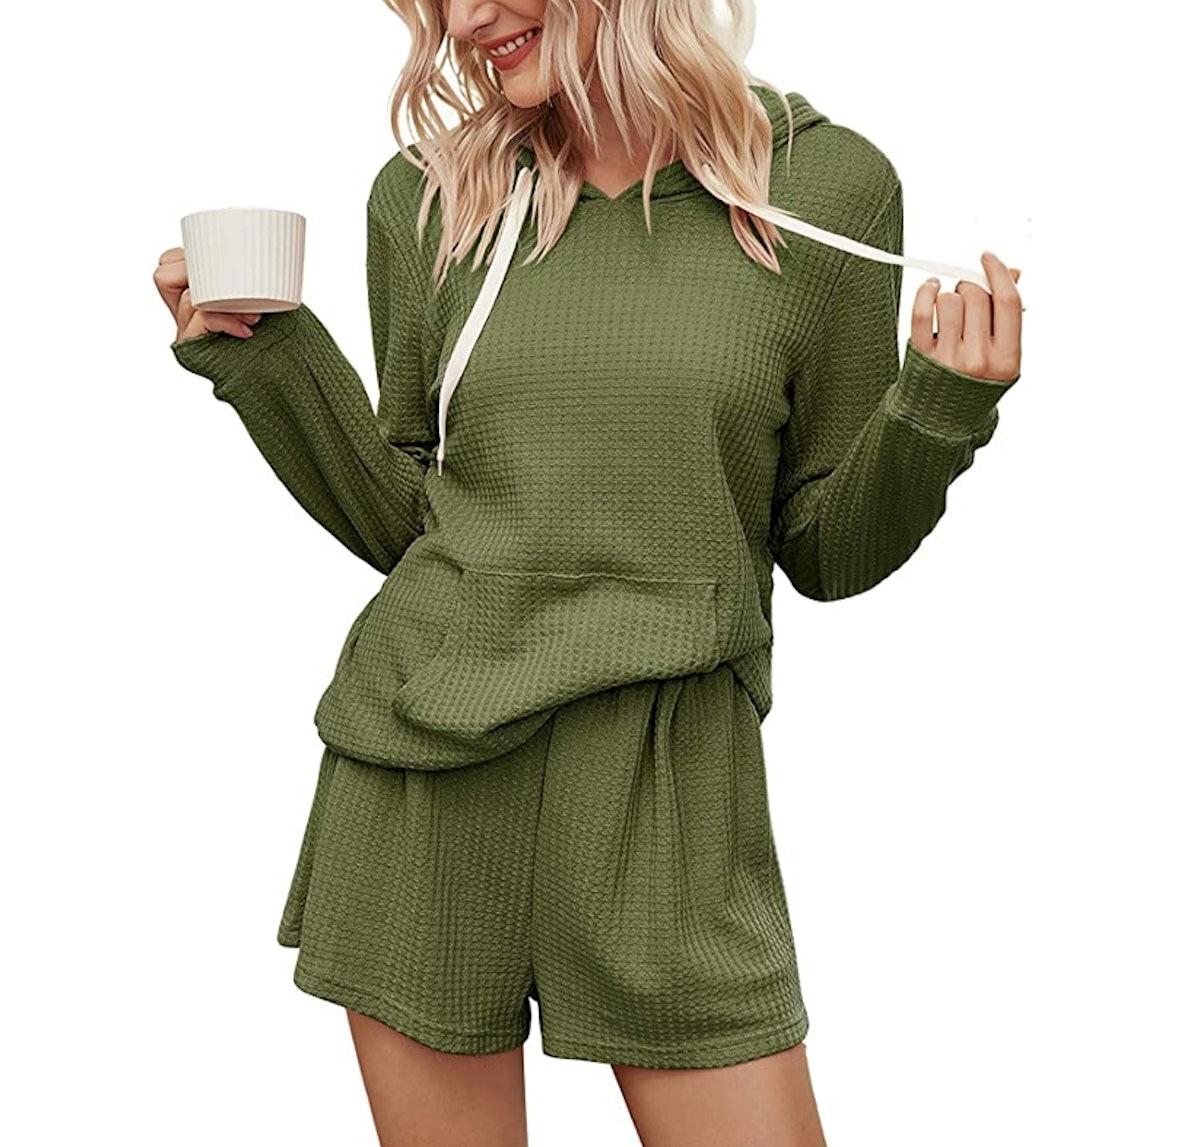 KIRUNDO 2021 Winter Two Piece Pajama Set